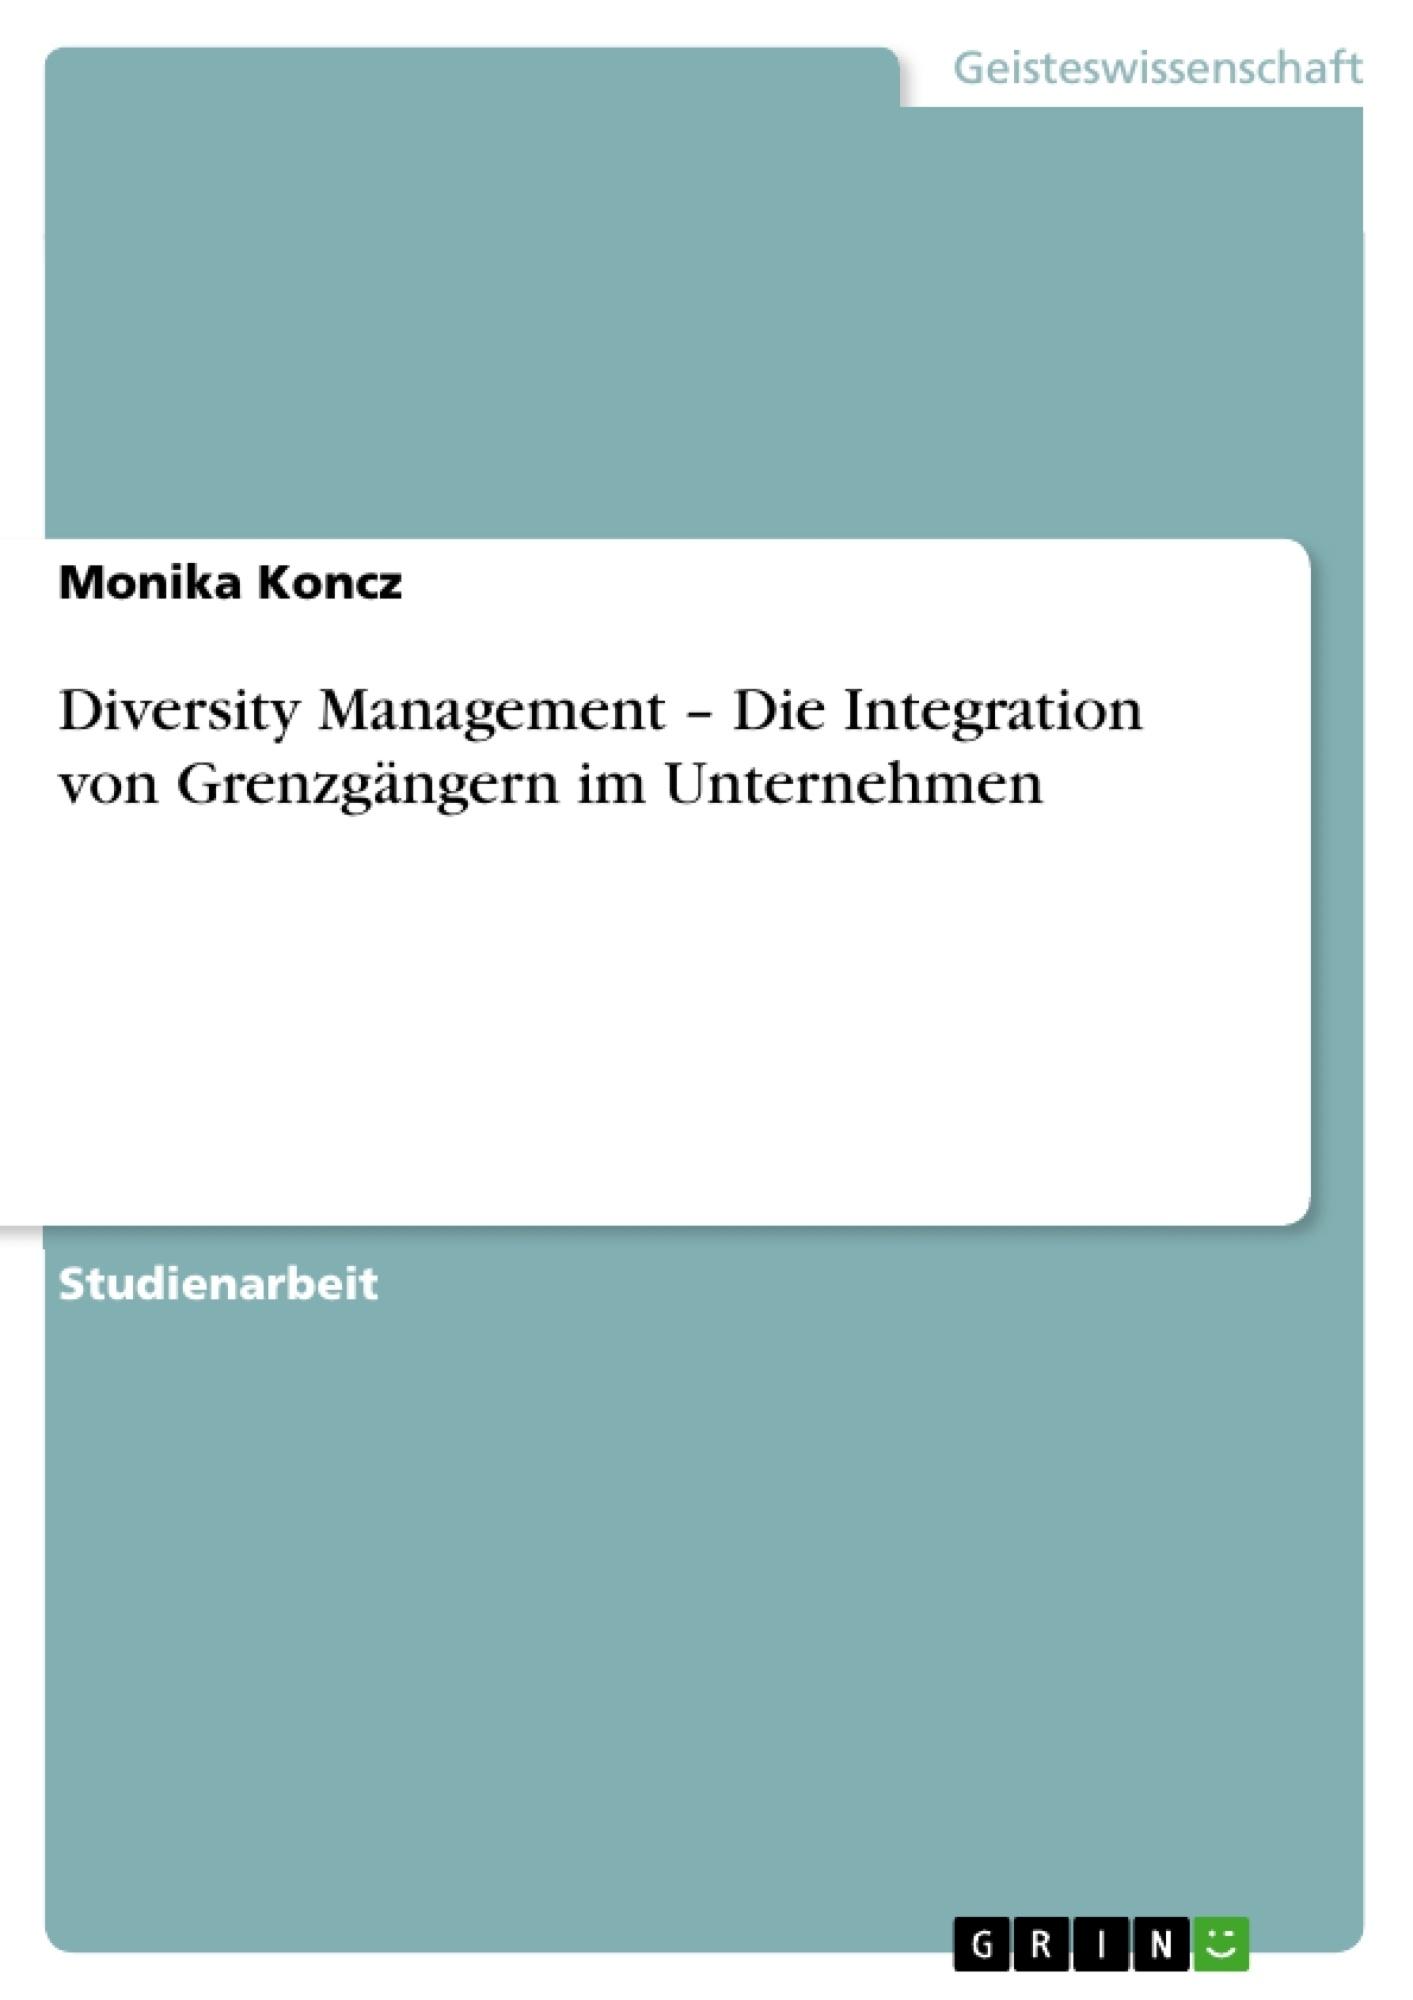 Titel: Diversity Management – Die Integration von Grenzgängern im Unternehmen